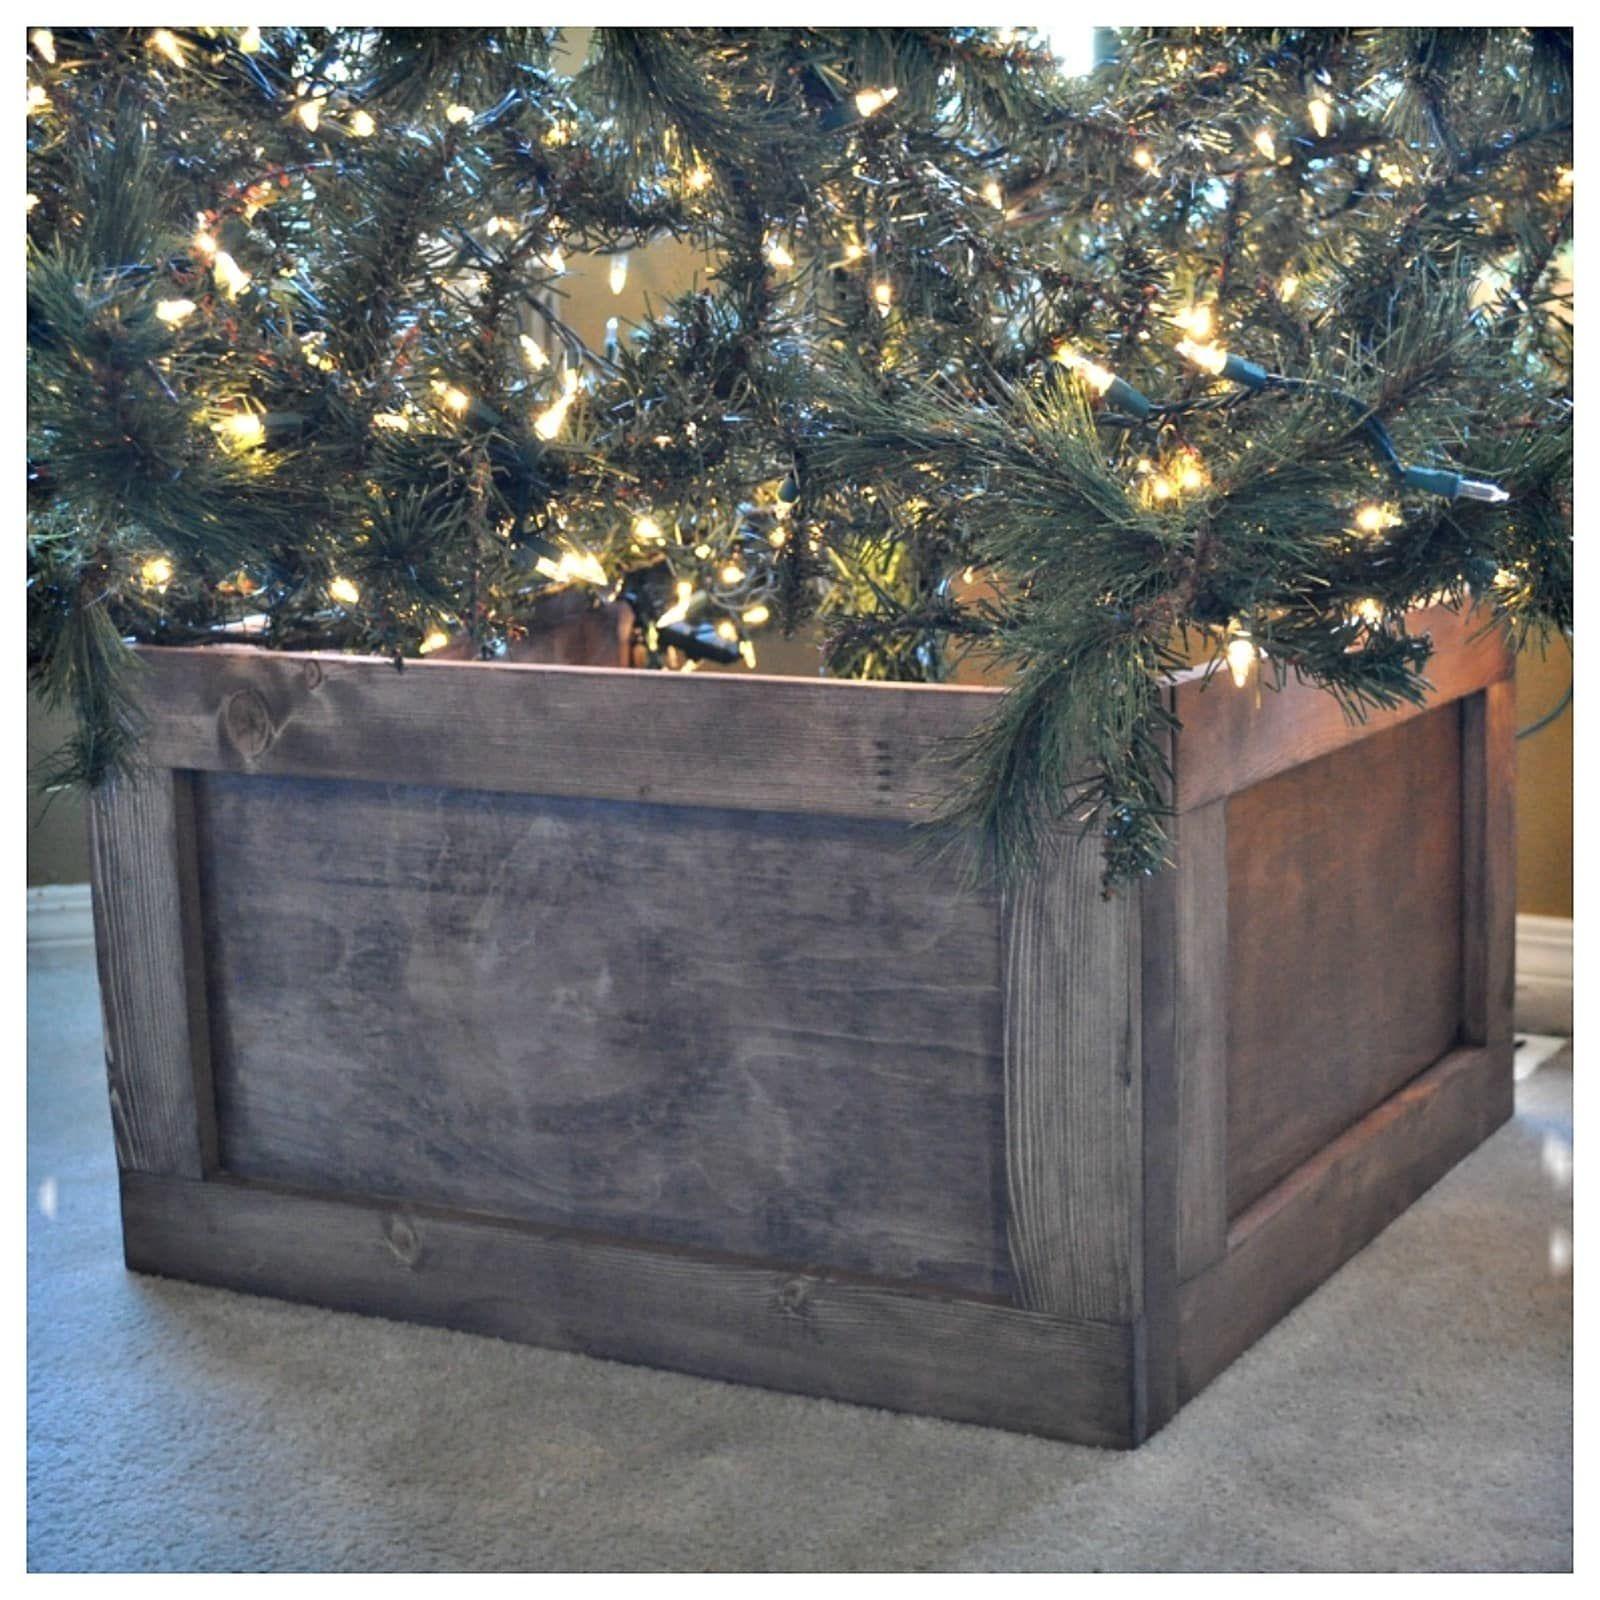 Foldable Wood Christmas Tree Collar Christmas Tree Box Christmas Tree Base Wood Christmas Tree